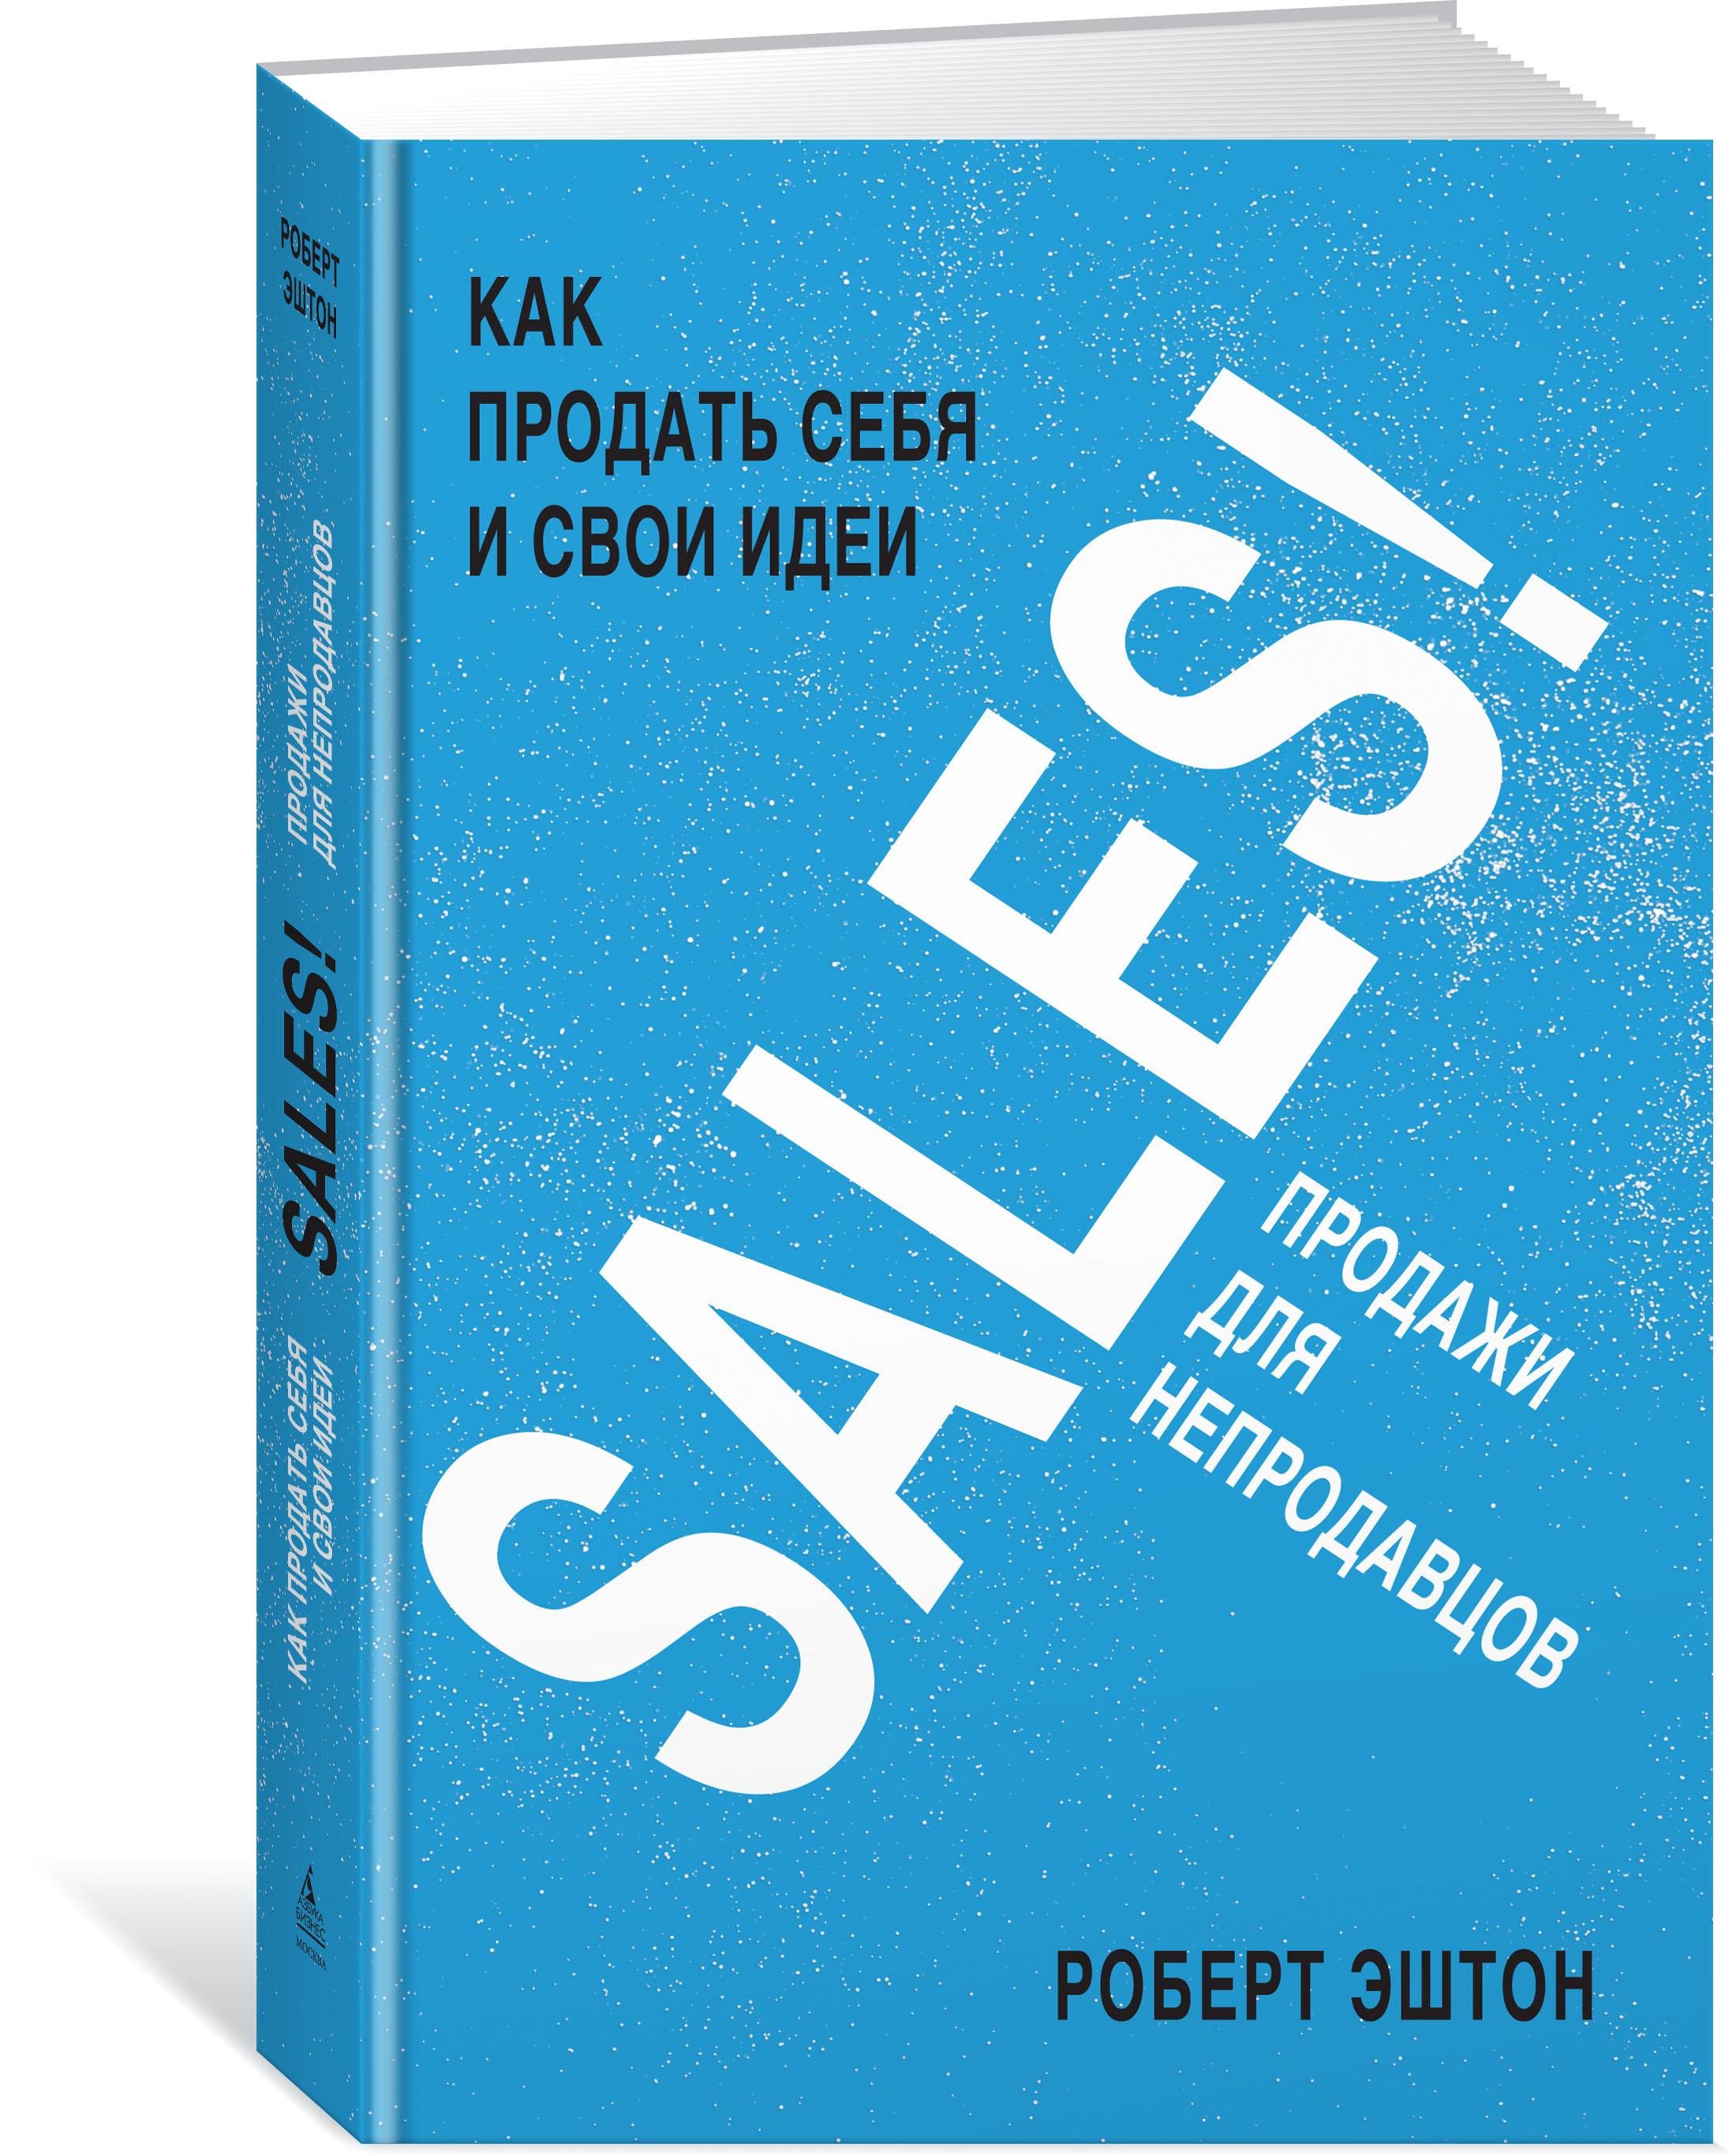 Р. Эштон SALES! Как продать себя и свои идеи. Продажи для непродавцов